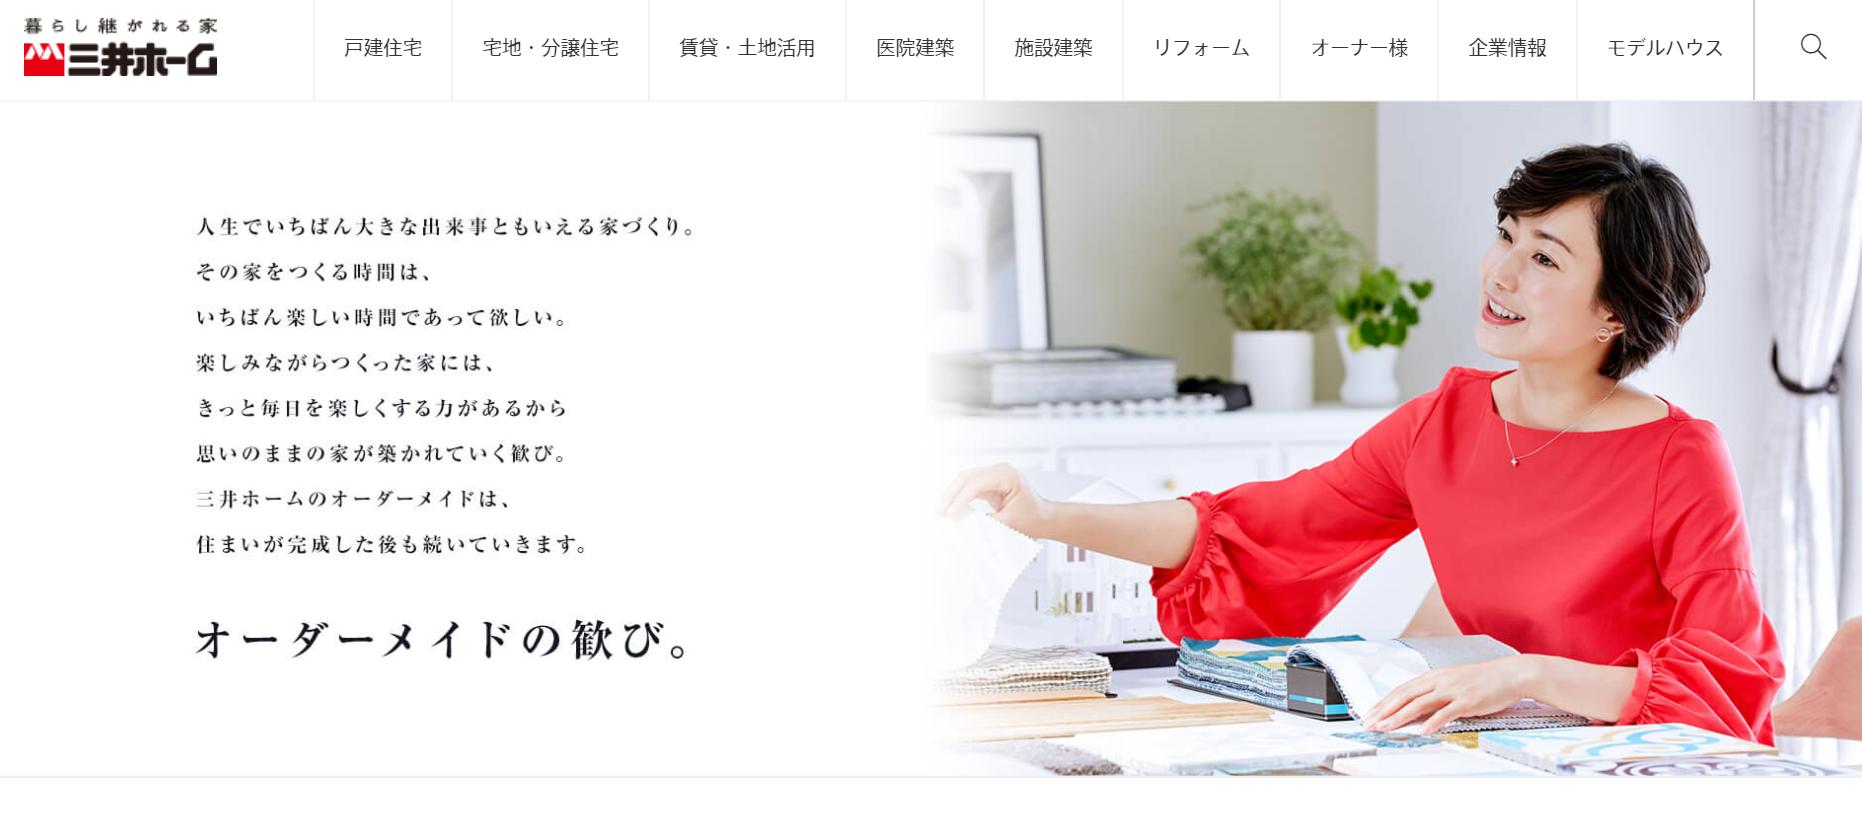 三井ホームの評判・口コミ【愛知/30代女性】